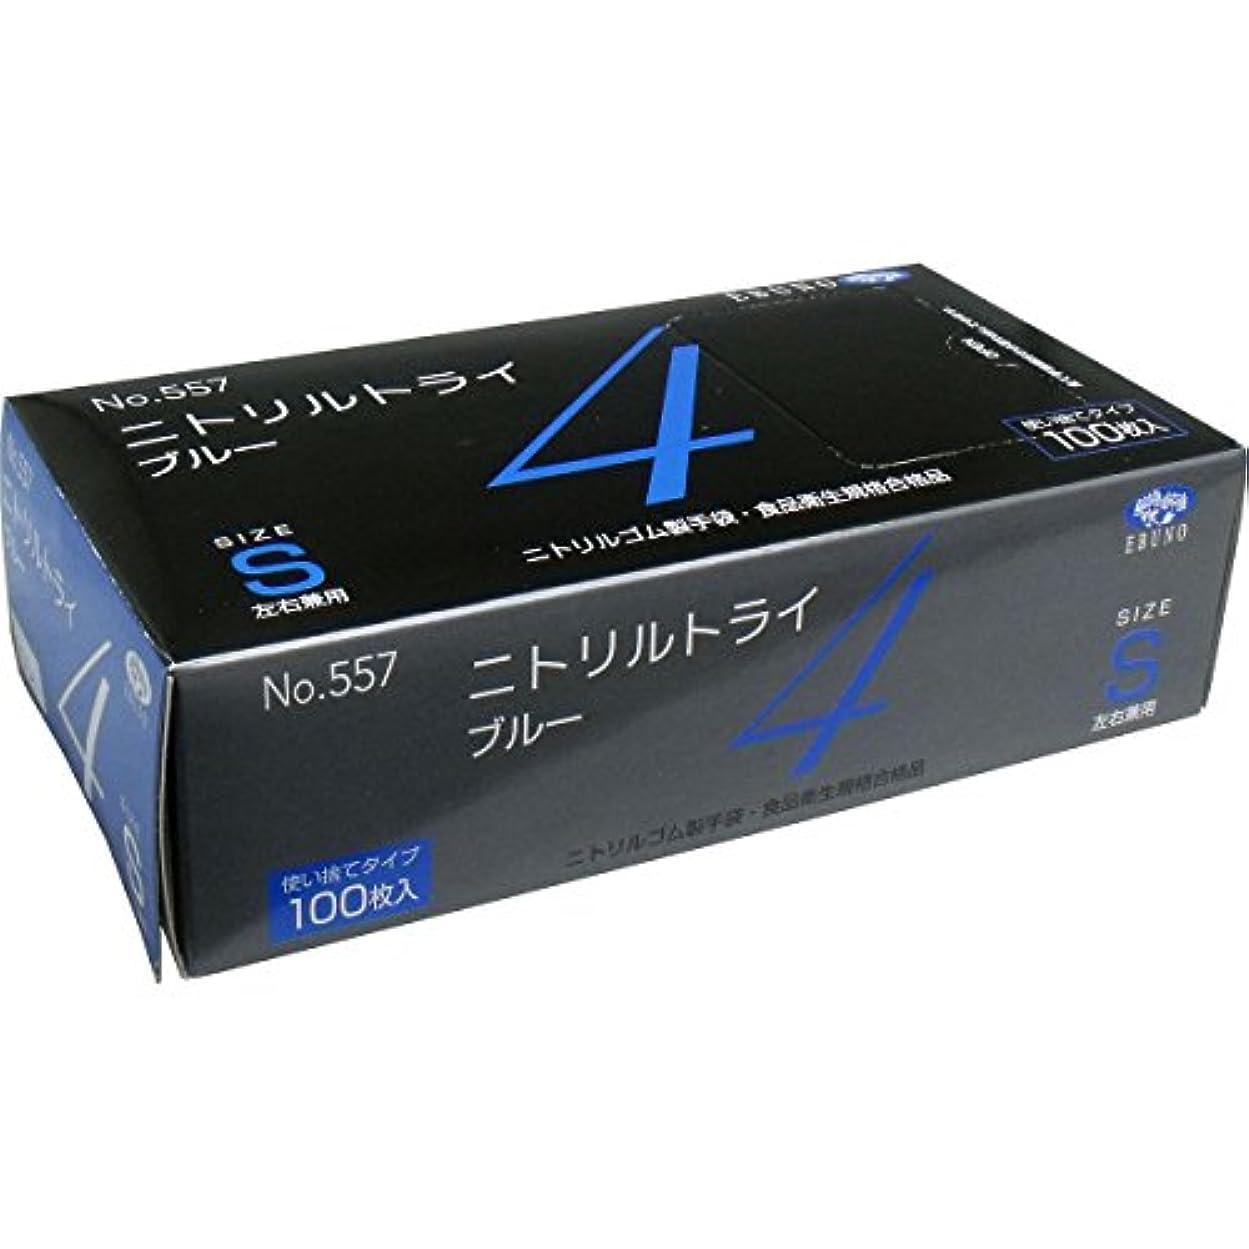 見てアプライアンス思いつくニトリルトライ4 №557 ブルー 粉付 Sサイズ 100枚入